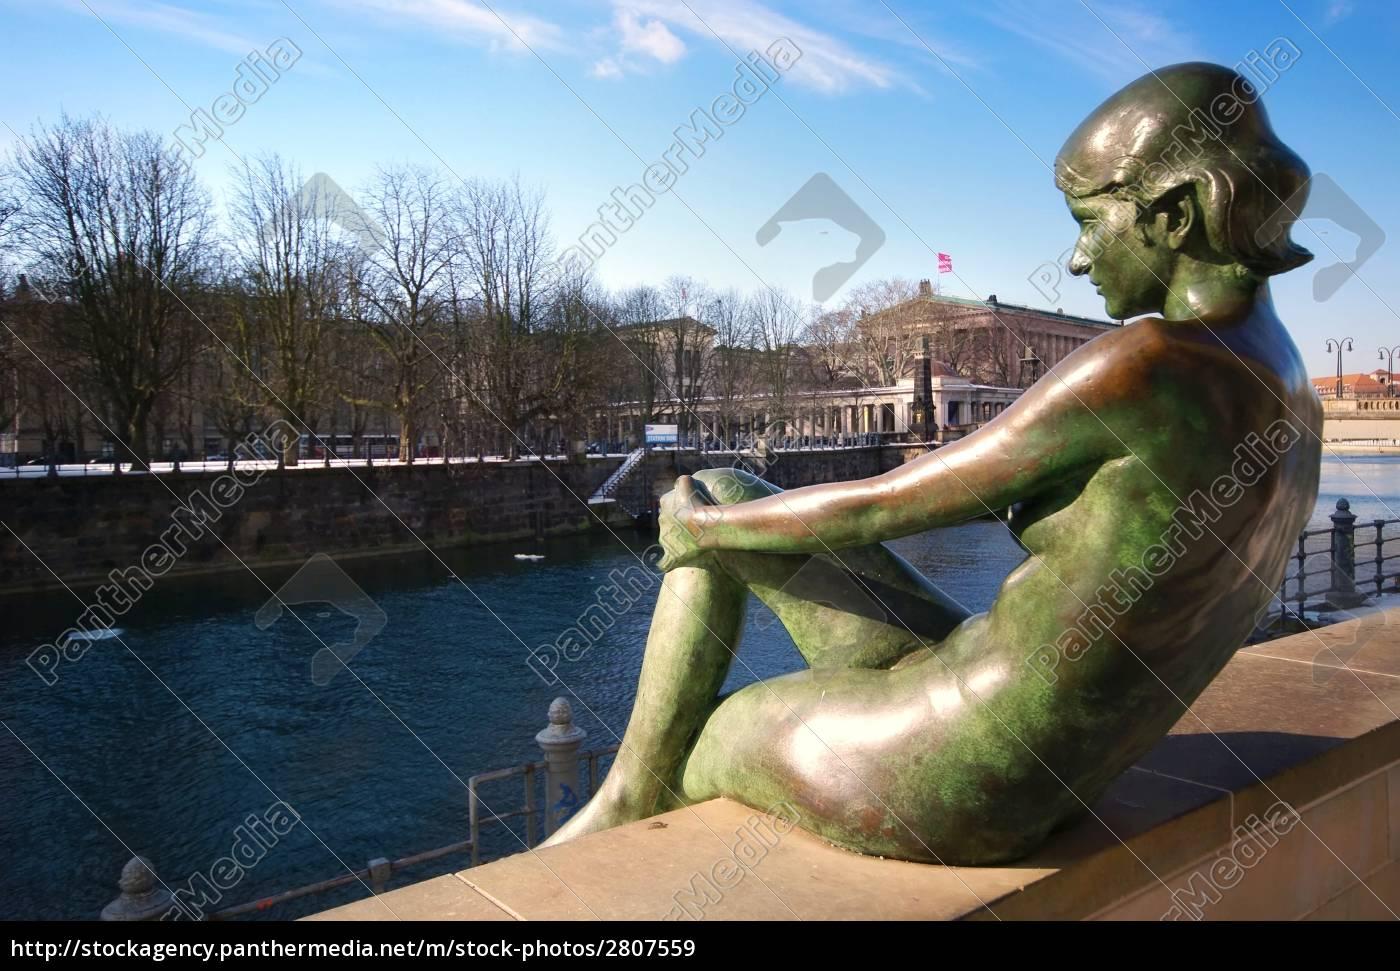 women, bronze, sculpture, at, domufer - 2807559